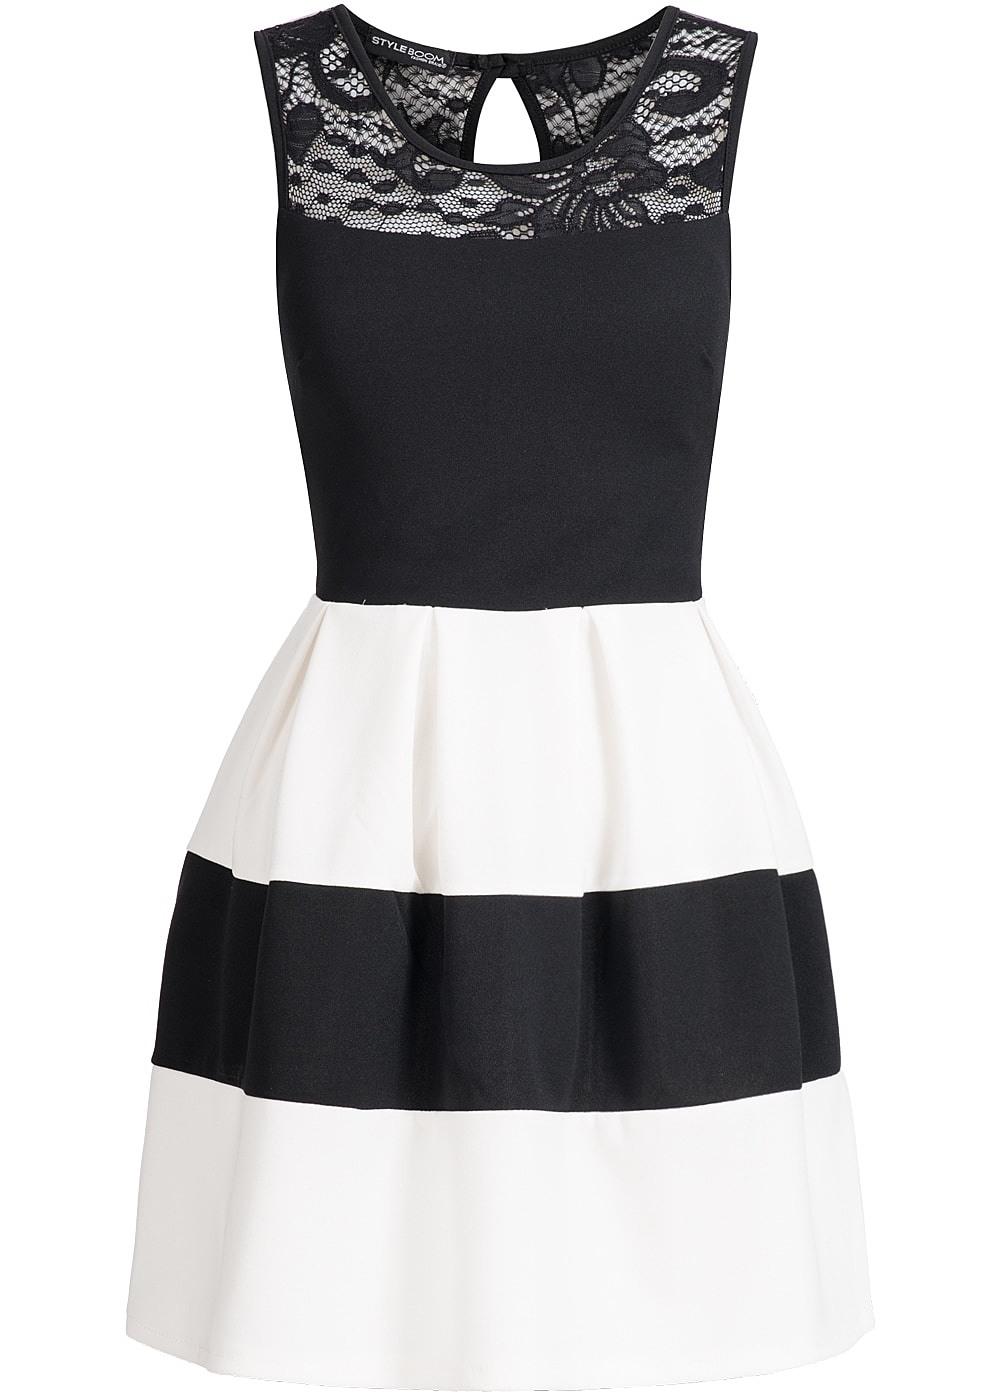 10 Fantastisch Kleid Schwarz Weiß Gestreift Spezialgebiet15 Schön Kleid Schwarz Weiß Gestreift Vertrieb